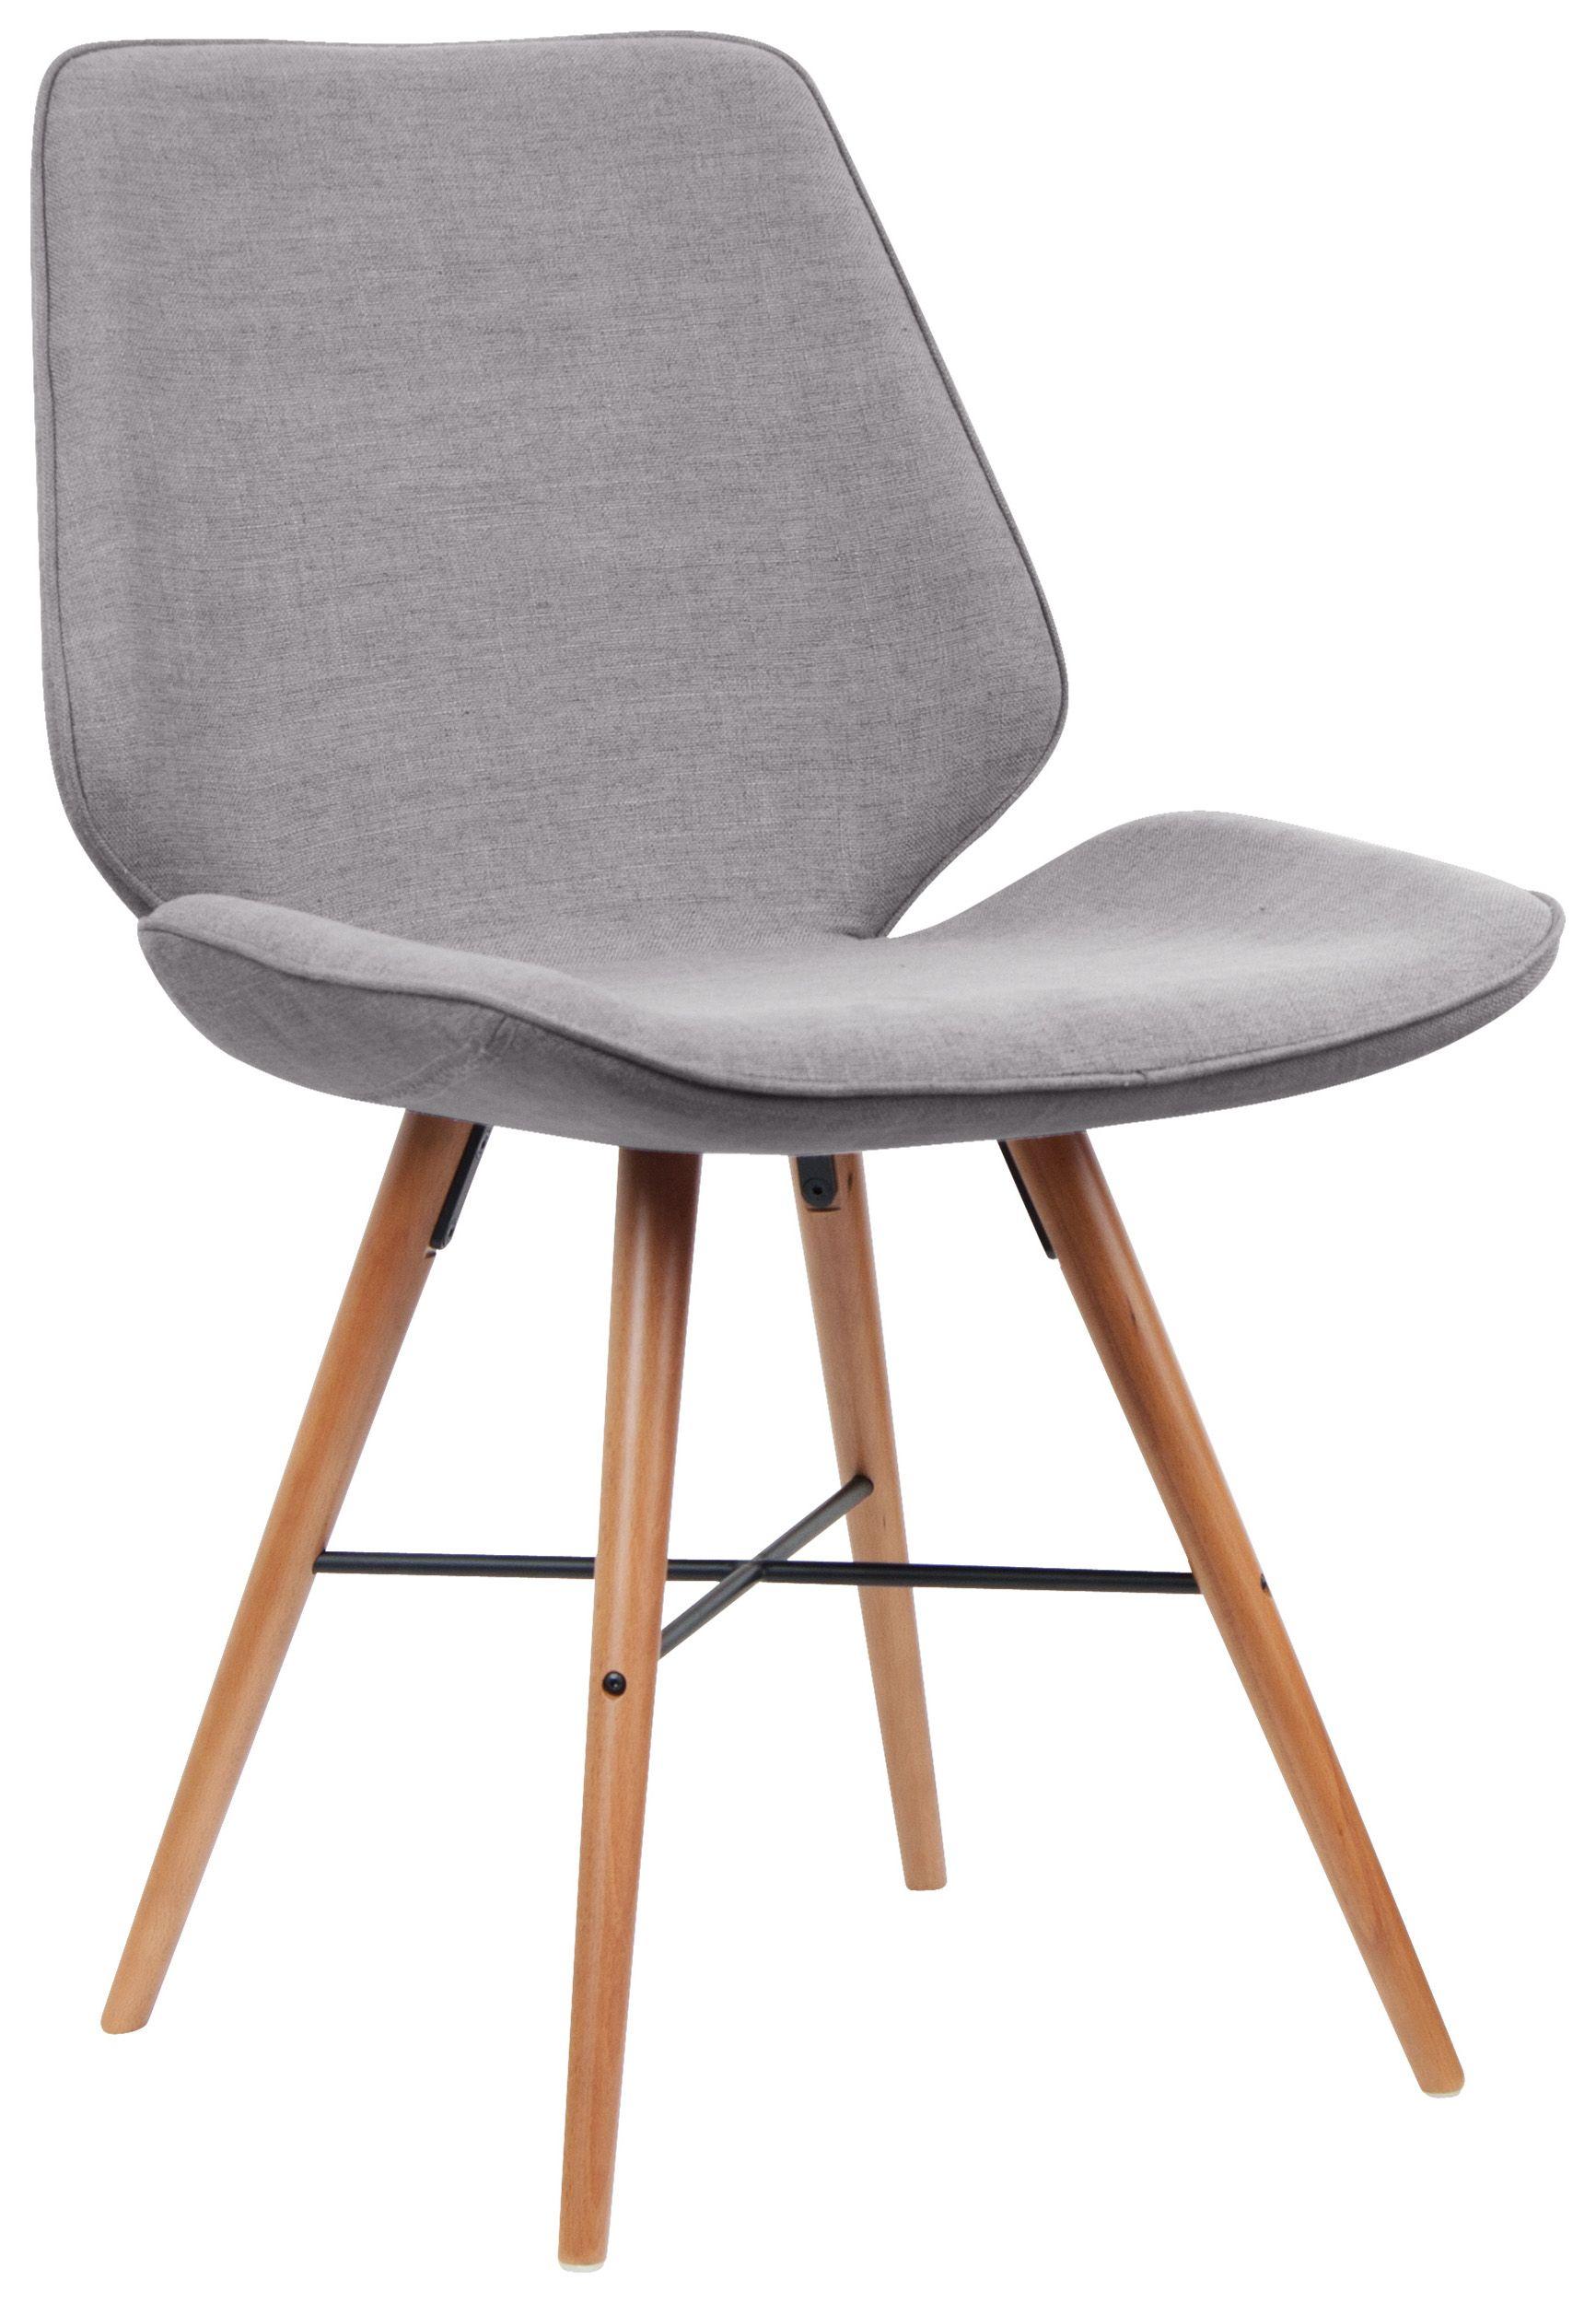 Esszimmersthle hnlich Eames Chair mit Stoffbezug 2 Stck 450  LA furniture in 2019